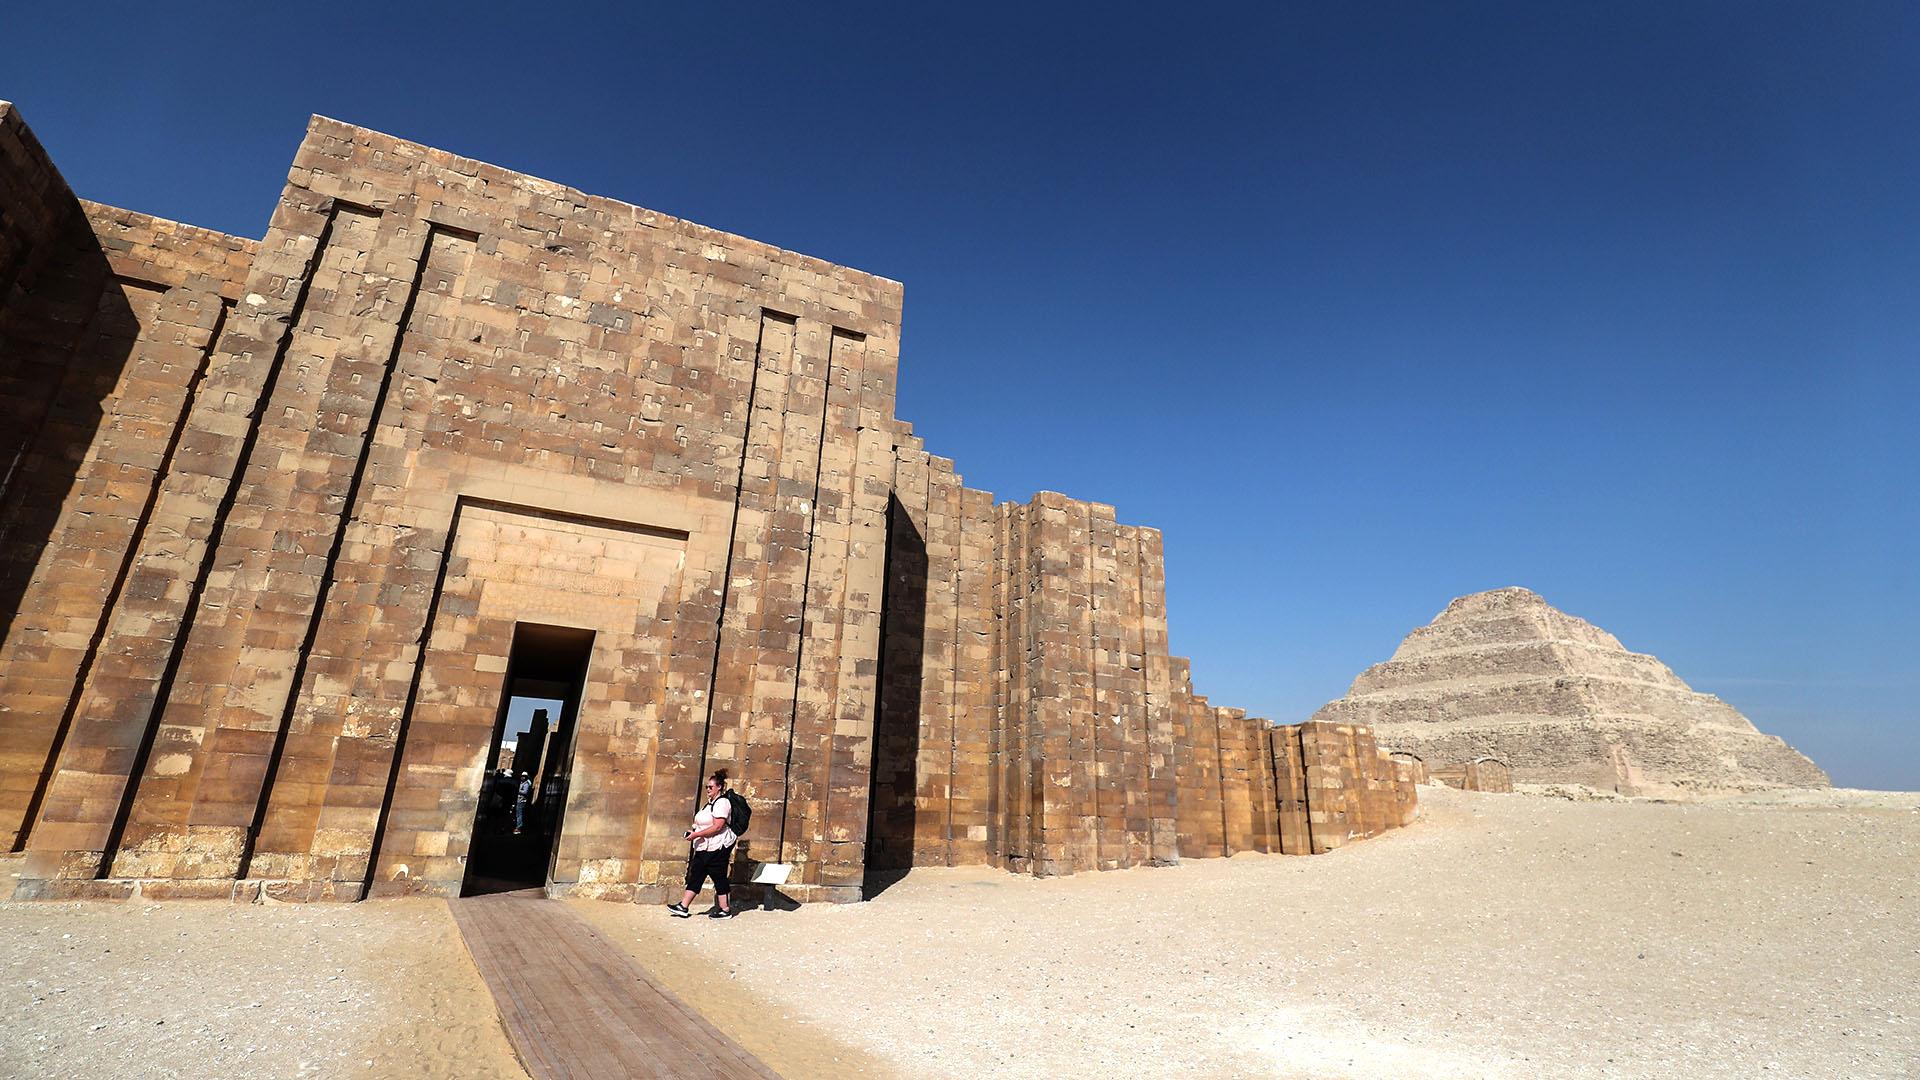 El exterior de la pirámide escalonada de Djoser en la necrópolis Saqqara de Egipto (AFP)